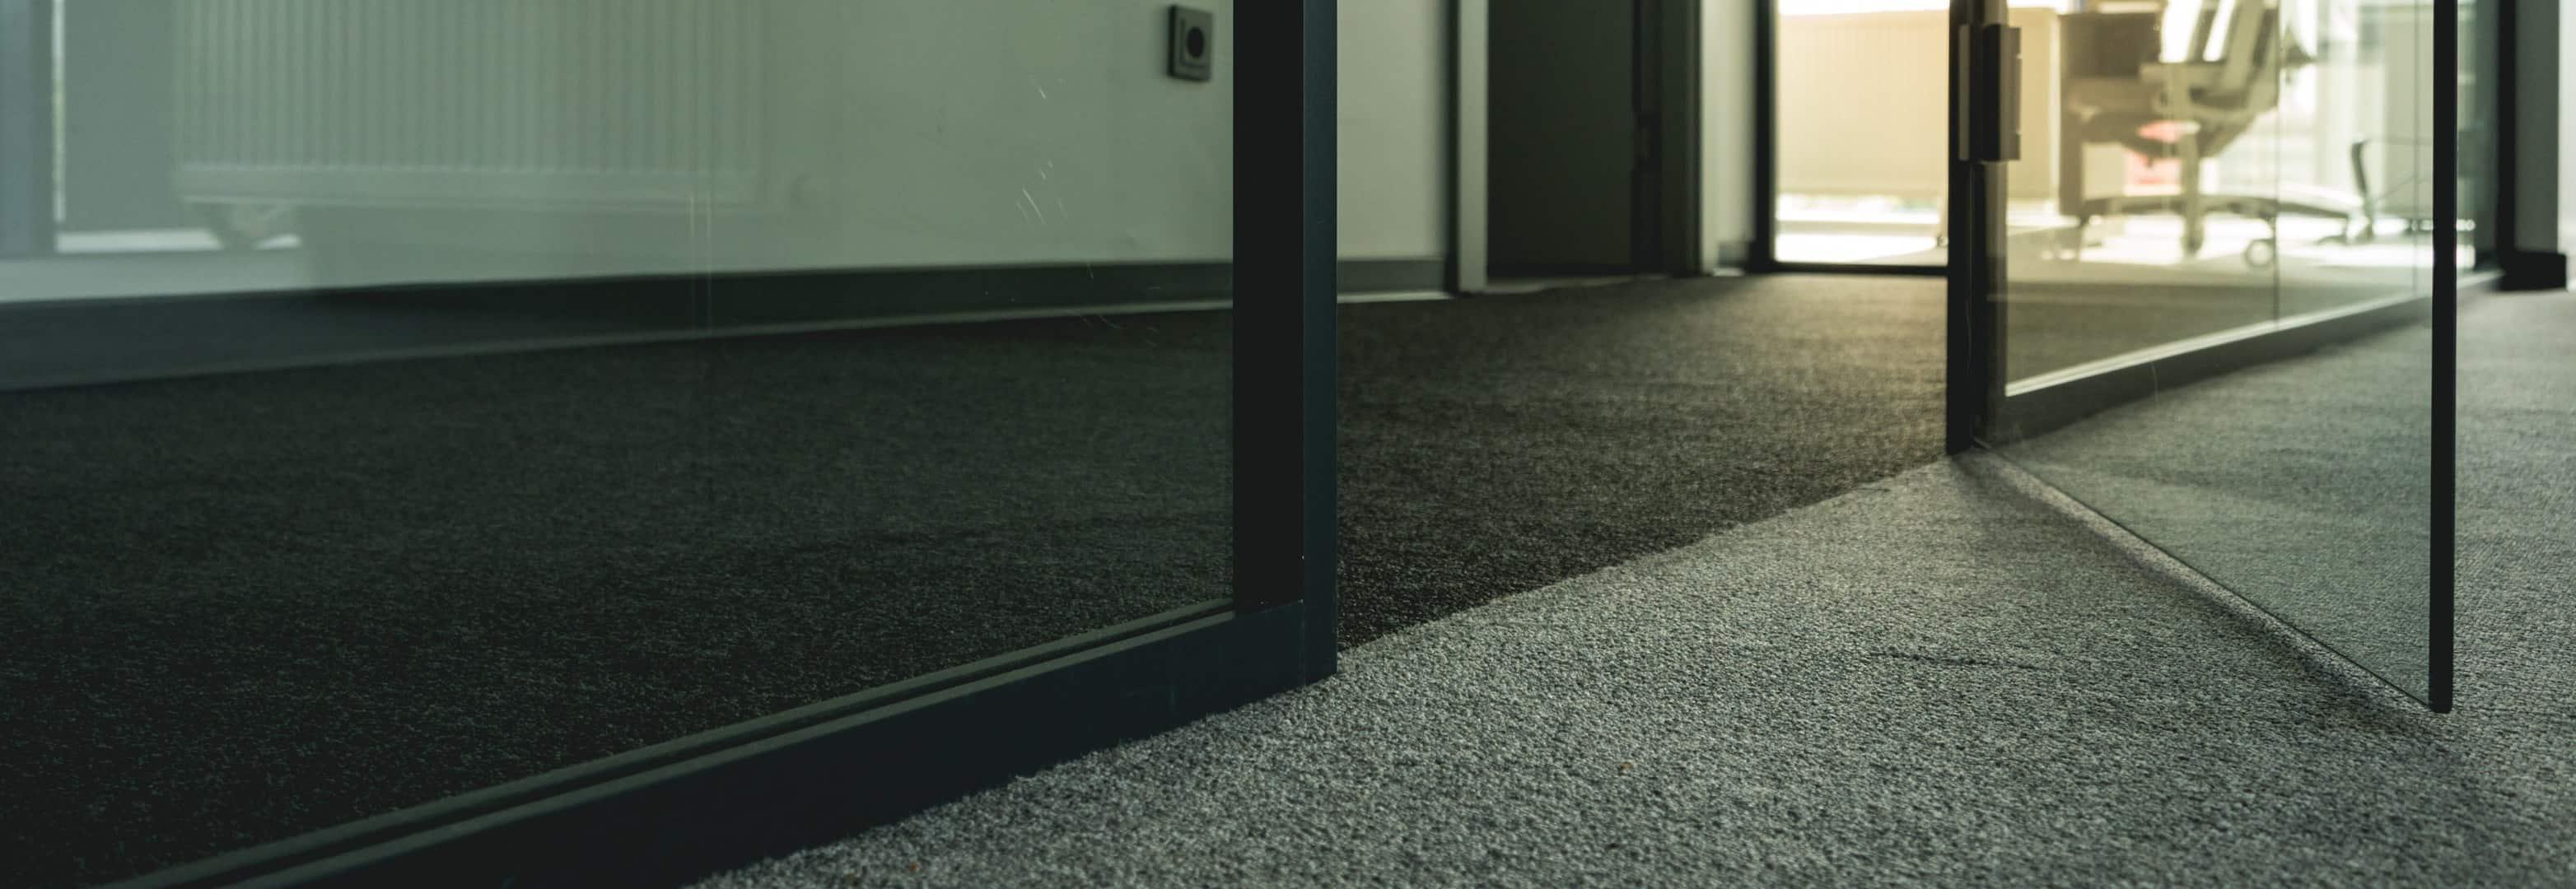 שטיחים מקיר לקיר